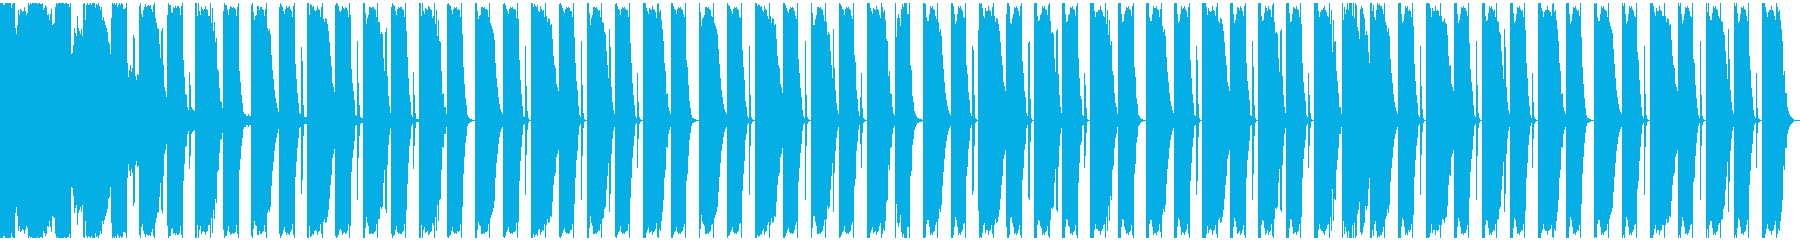 【エレクトロニカ】ロング2、ミディアム1の再生済みの波形